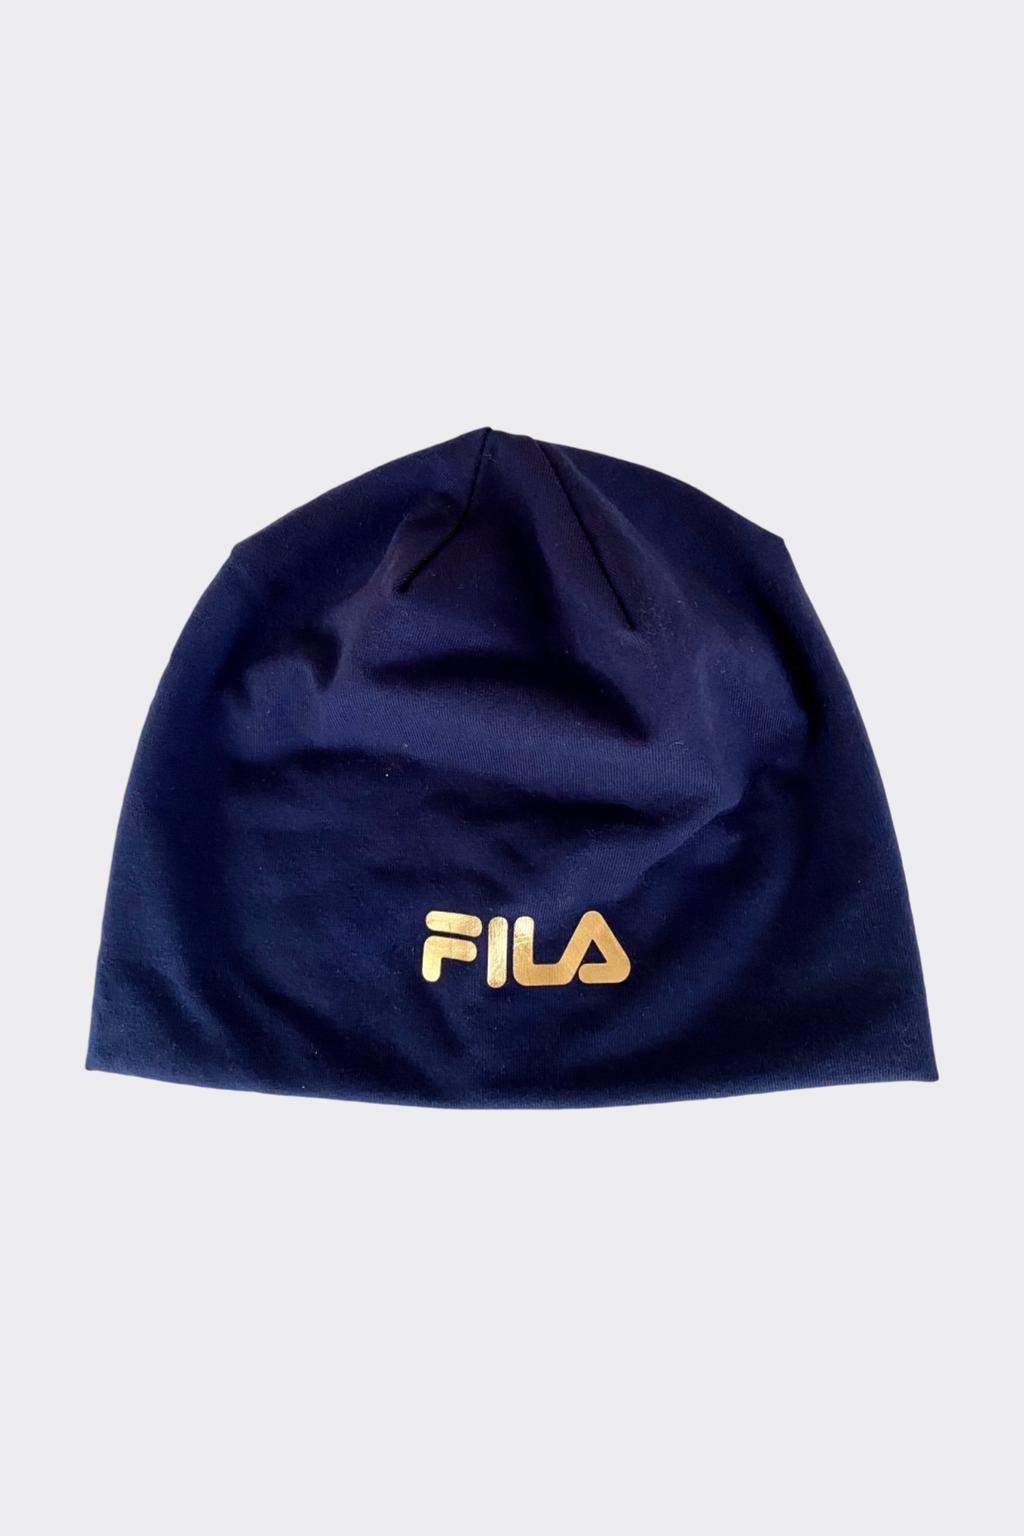 FILA dětská čepice - modrá